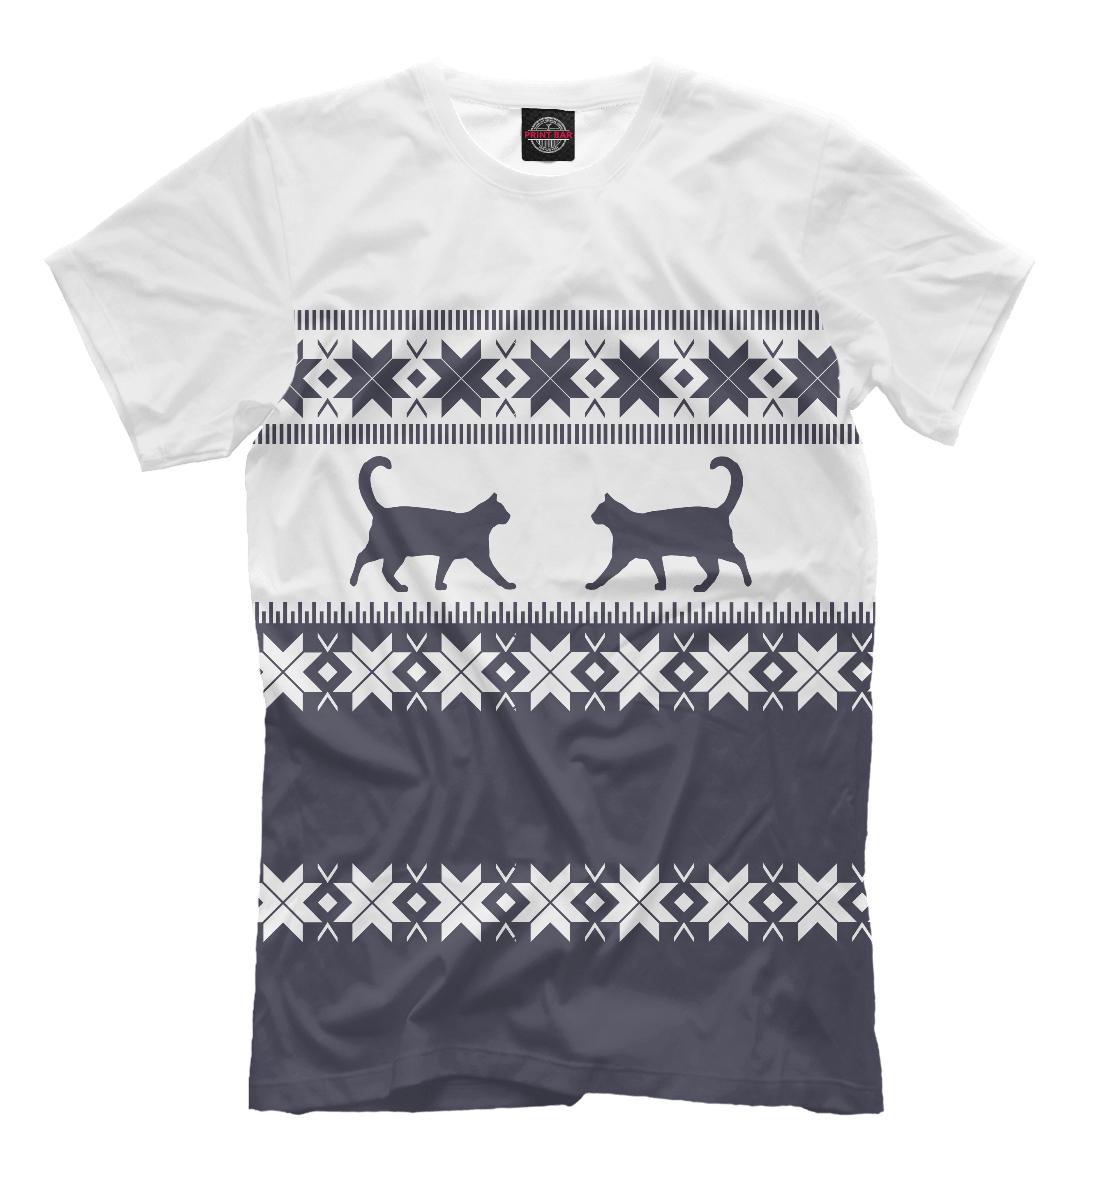 Купить Зимний свитер с котиками, Printbar, Футболки, CAT-235588-fut-2